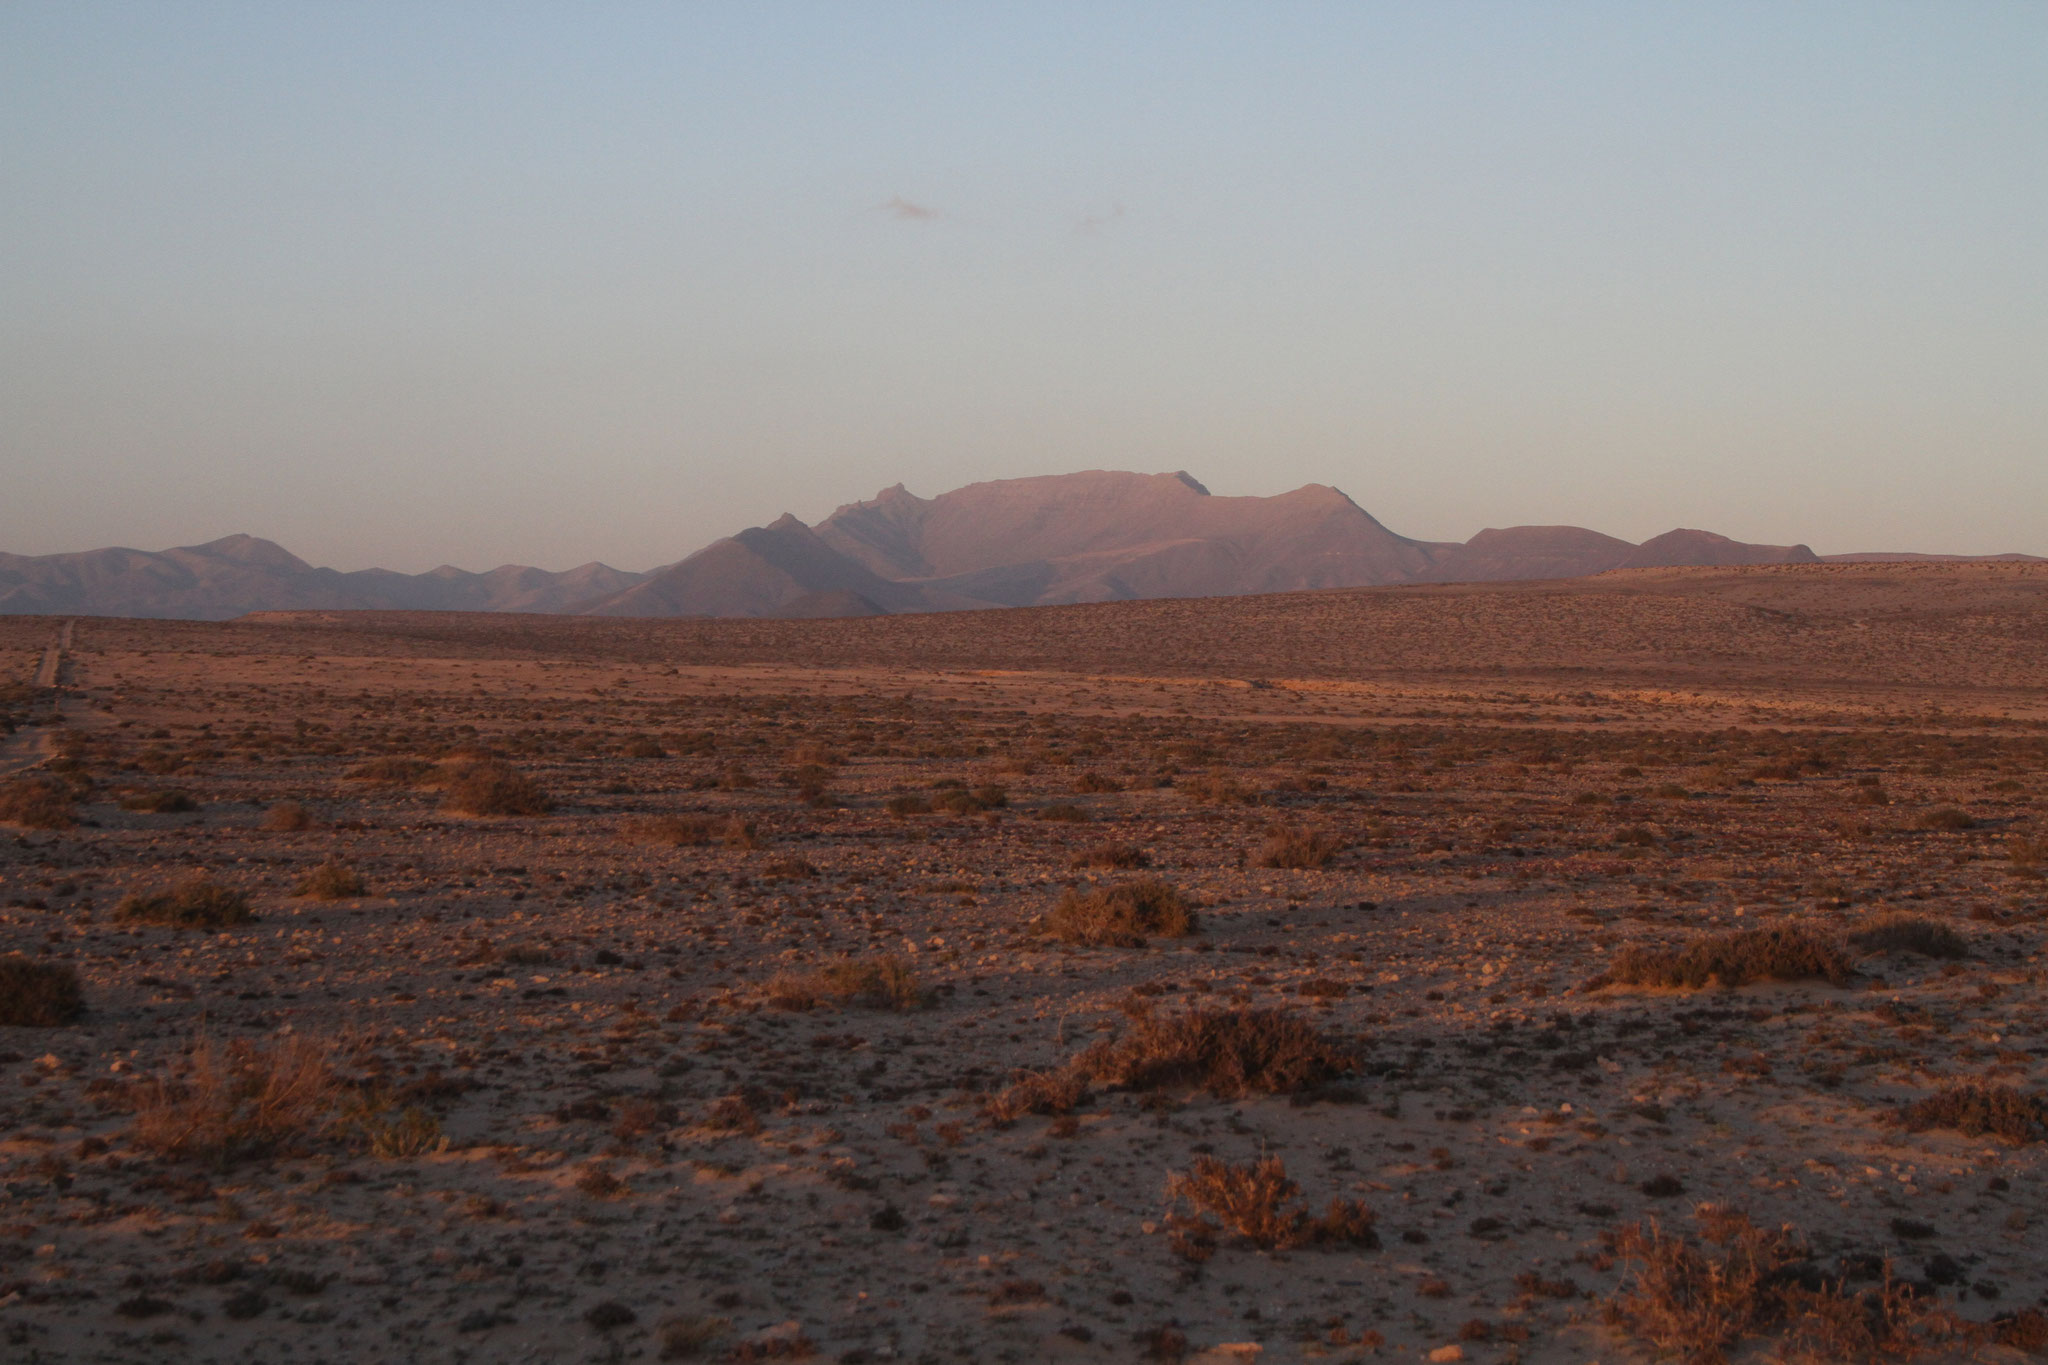 Am Abend wird es wieder ruhiger in der Wüste, die Chancen steigen ...